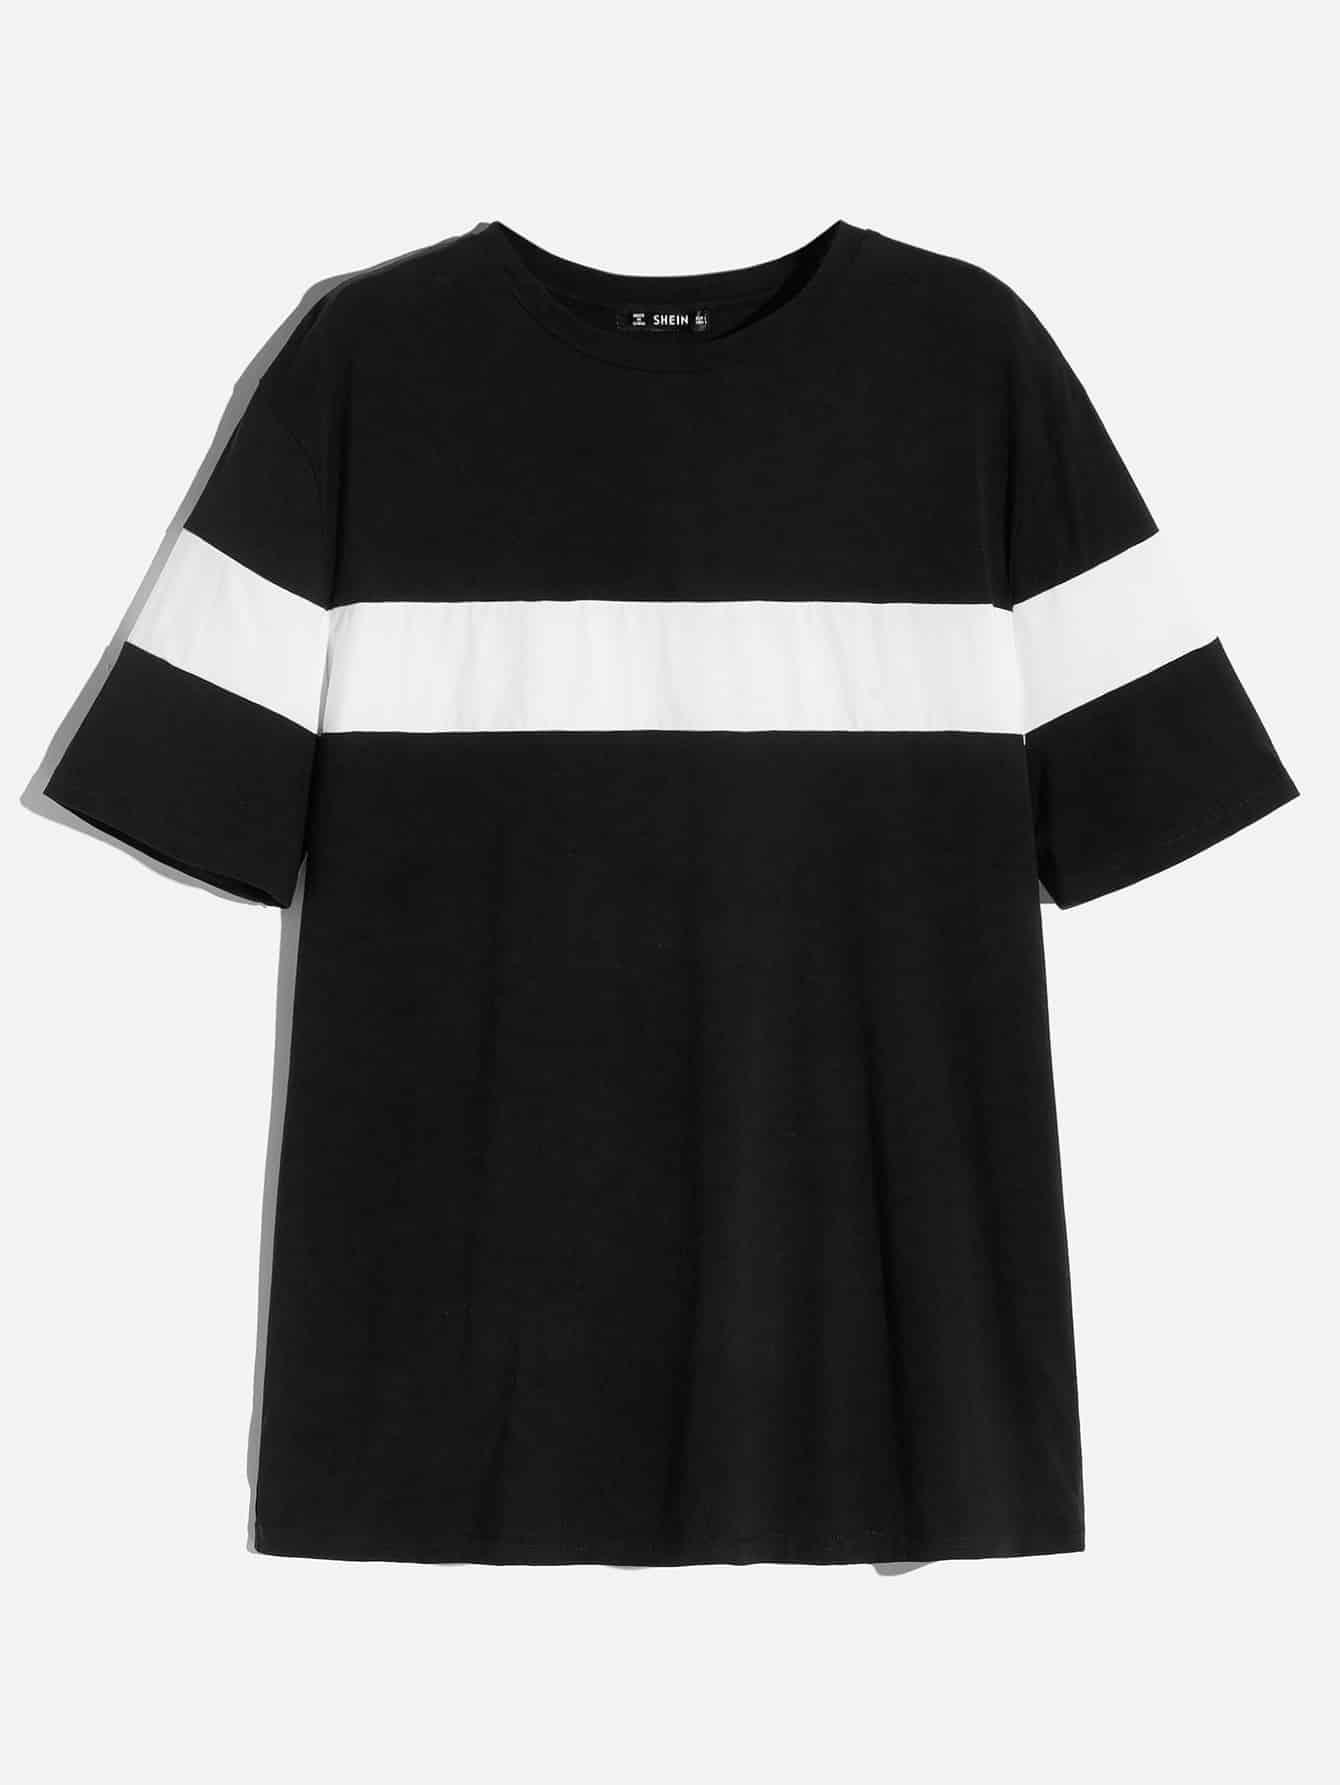 Купить Мужская двухцветная футболка с коротким рукавом, null, SheIn